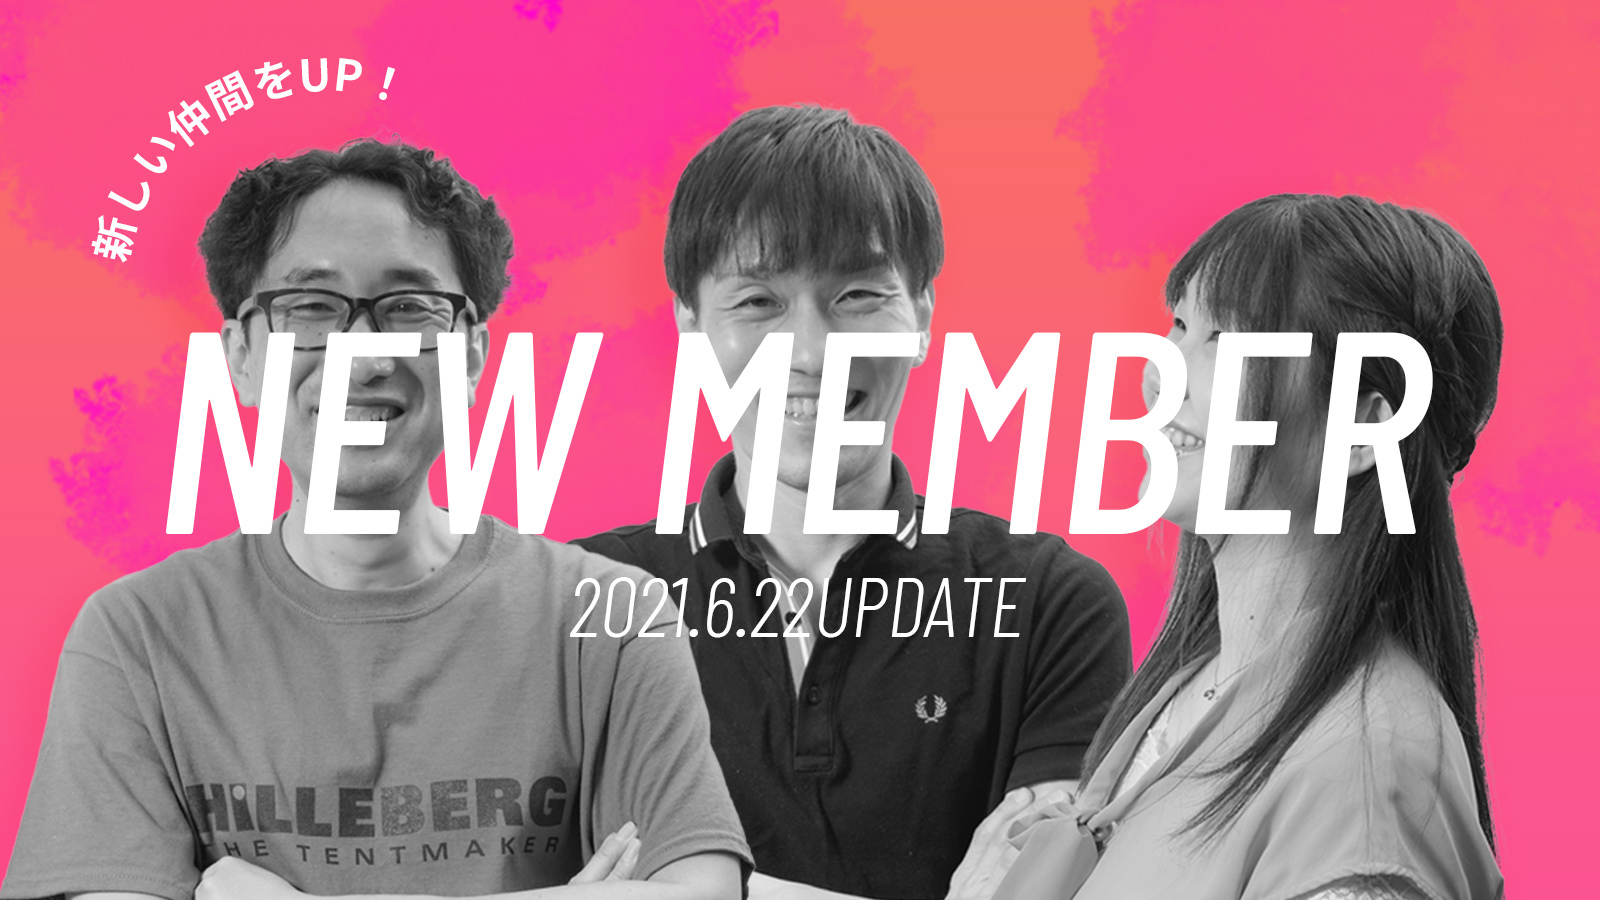 【お知らせ】新メンバー加入!メンバー紹介ページを更新しました